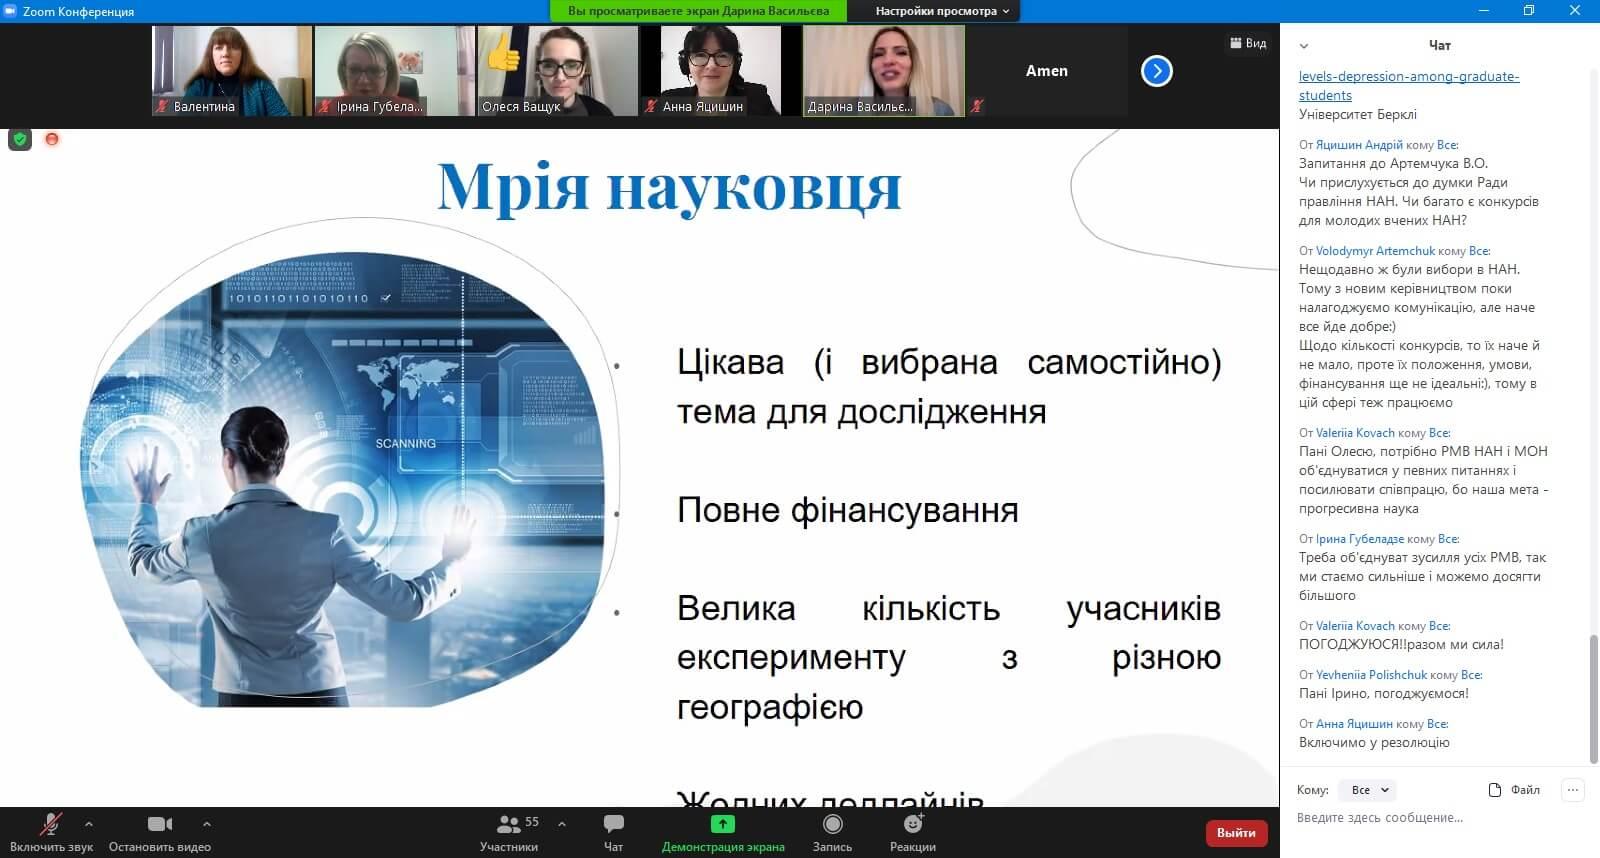 Проведено VІІІ Всеукраїнську науково-практичну конференцію молодих учених «Наукова молодь-2020»